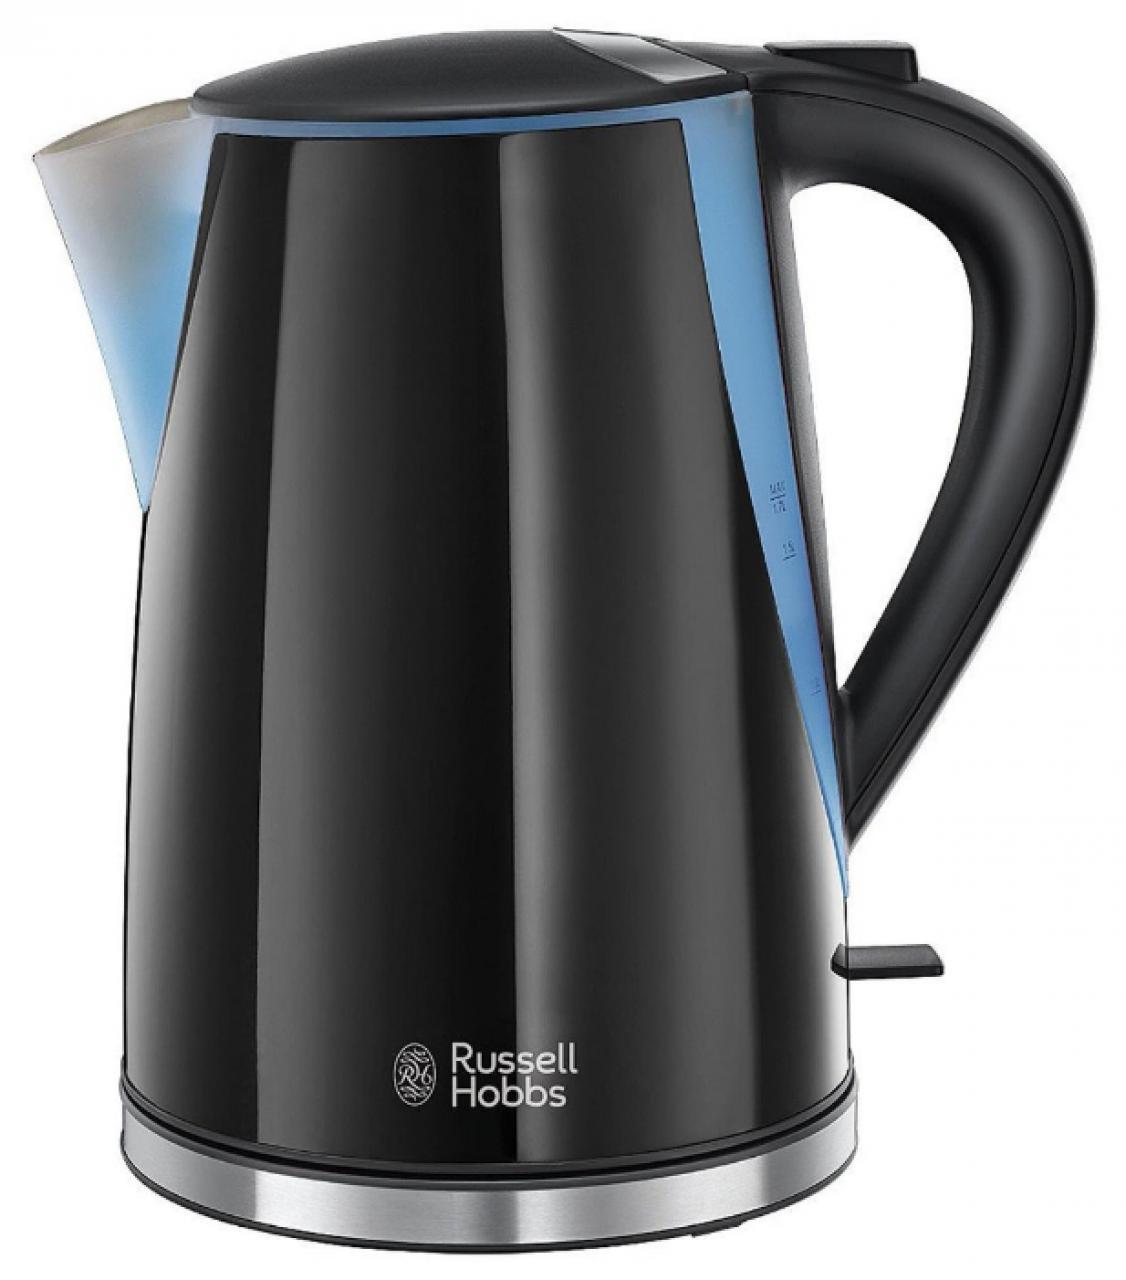 Чайник Russell Hobbs 21400-70 от Ravta